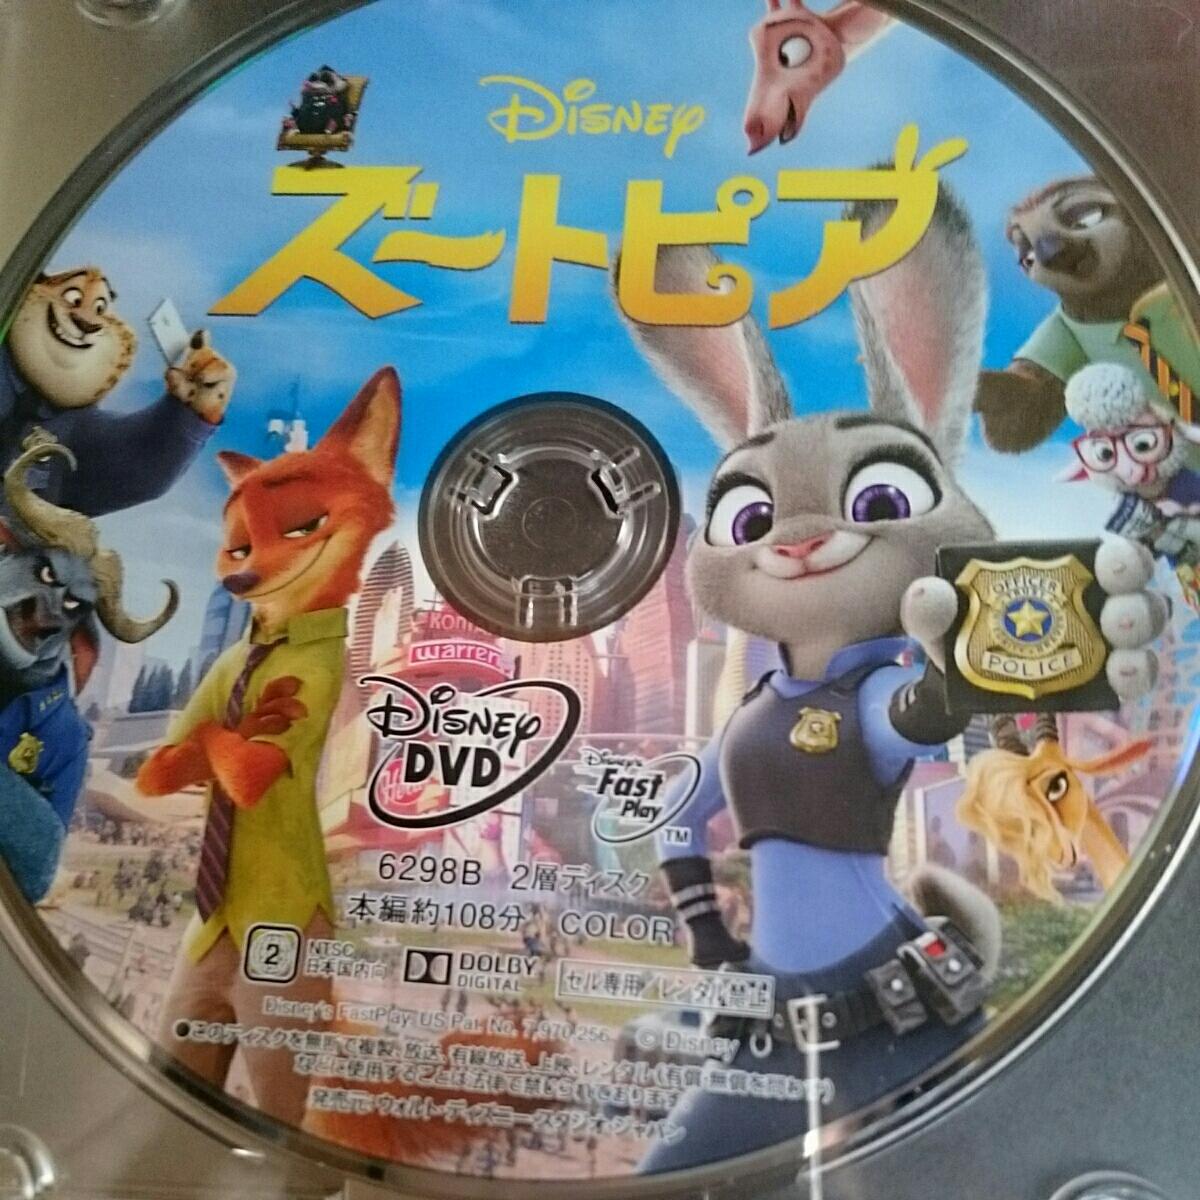 ディズニー アニメ ズートピア 販売用DVD ディスクのみ 新品同様美品  ディズニーグッズの画像